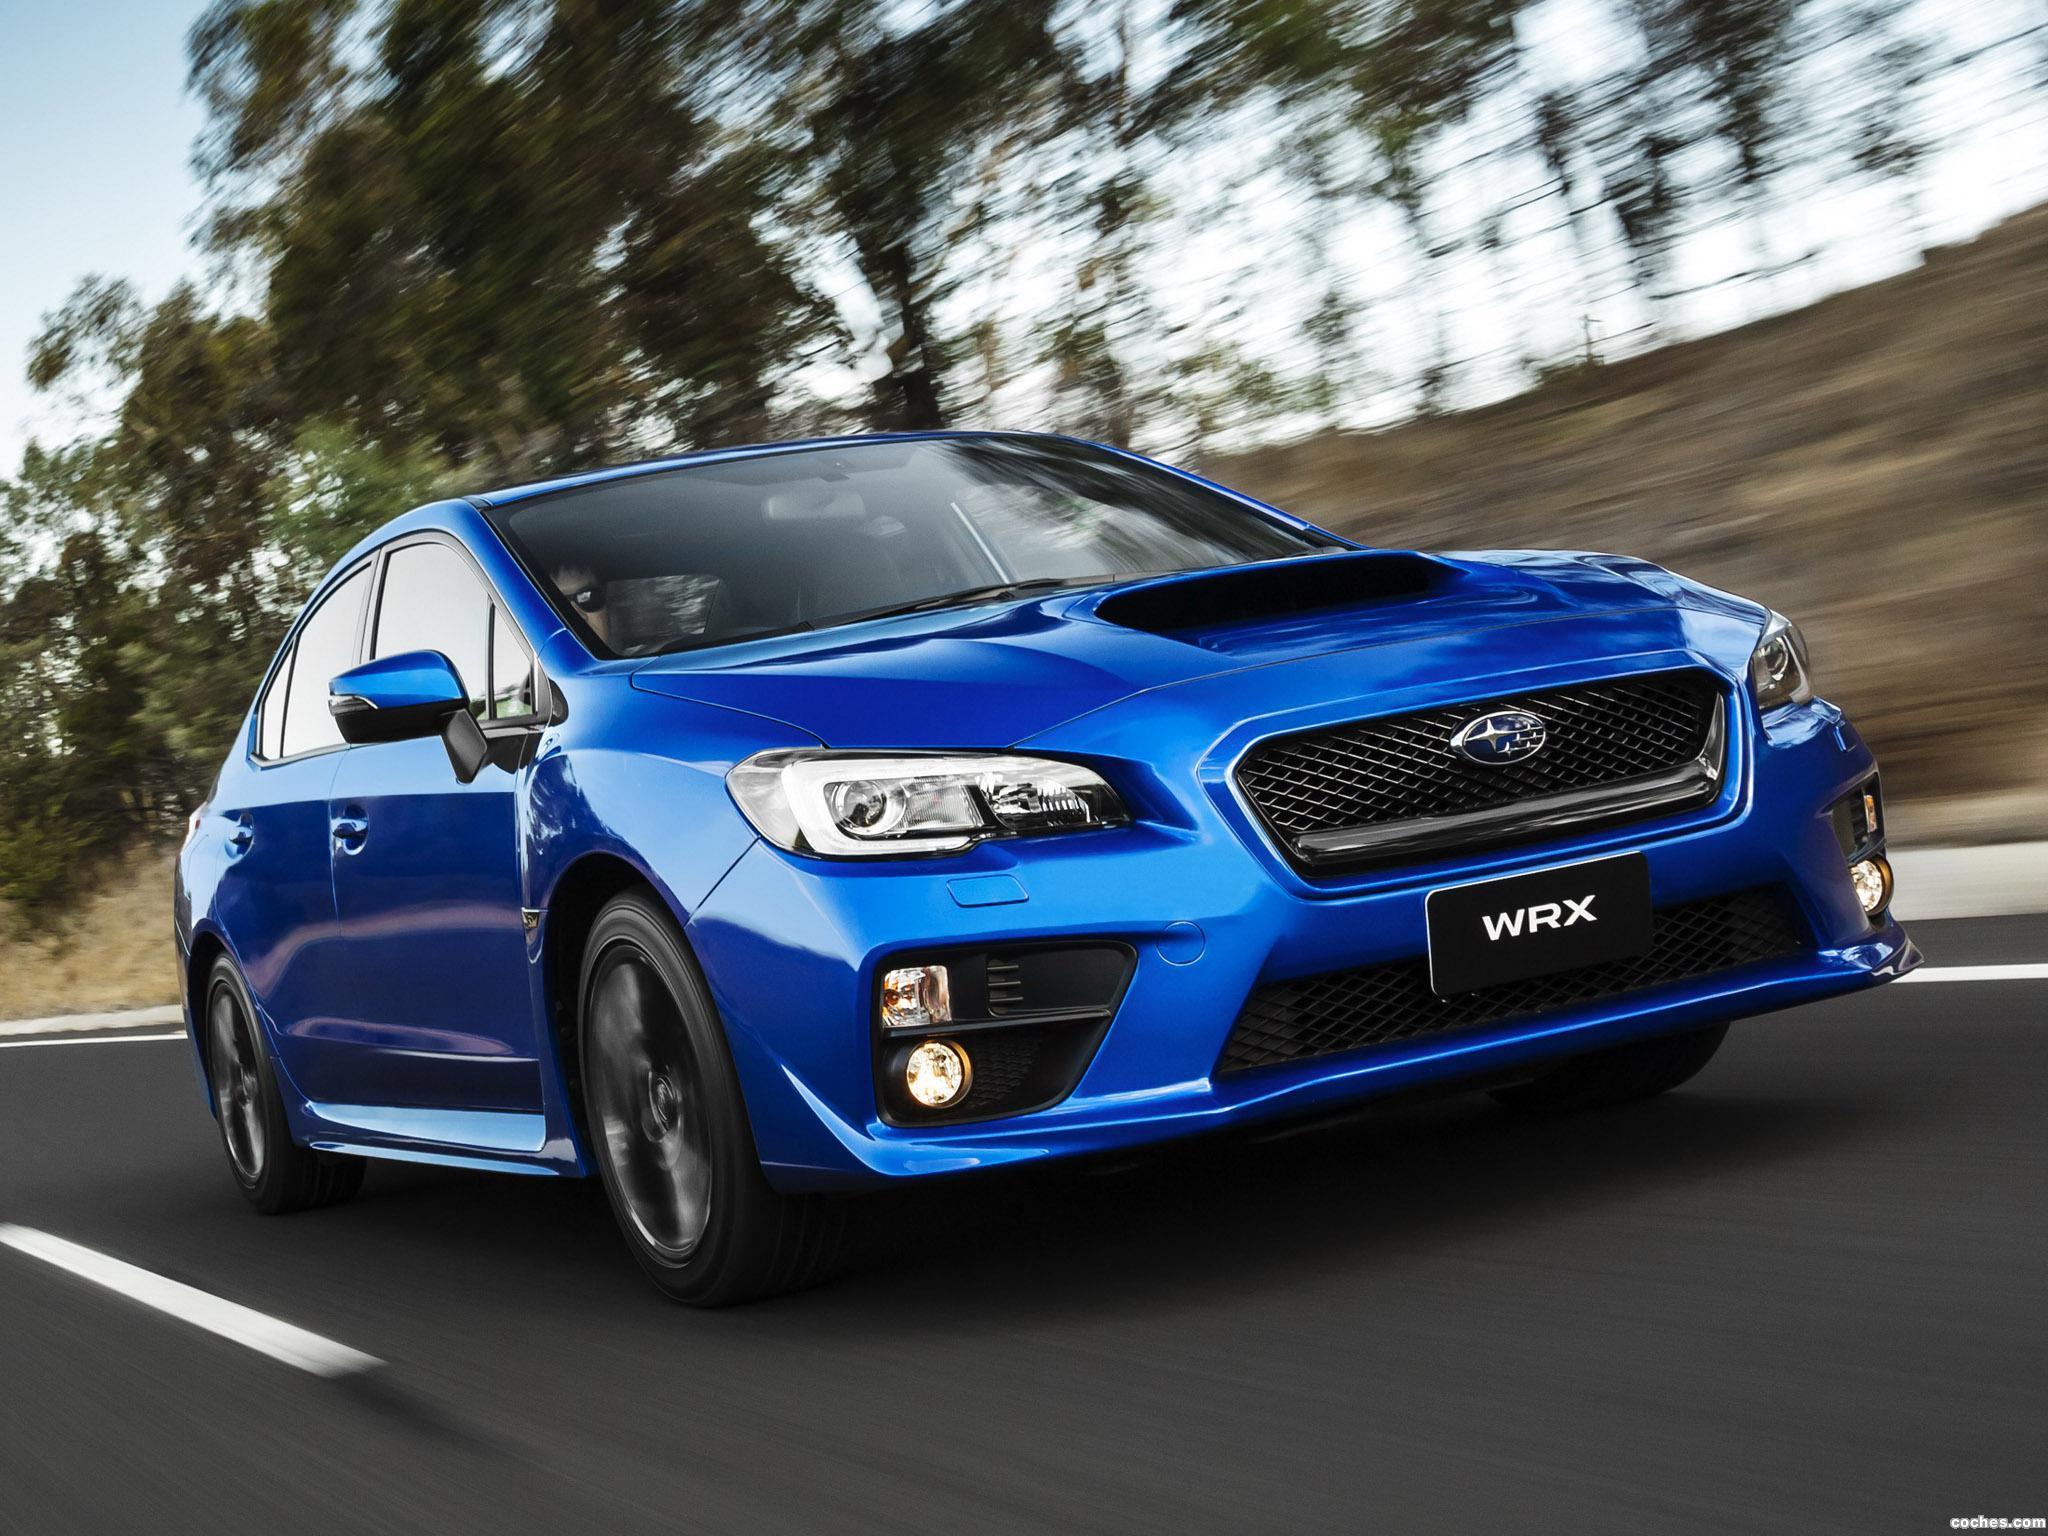 Foto 0 de Subaru WRX Australia 2014